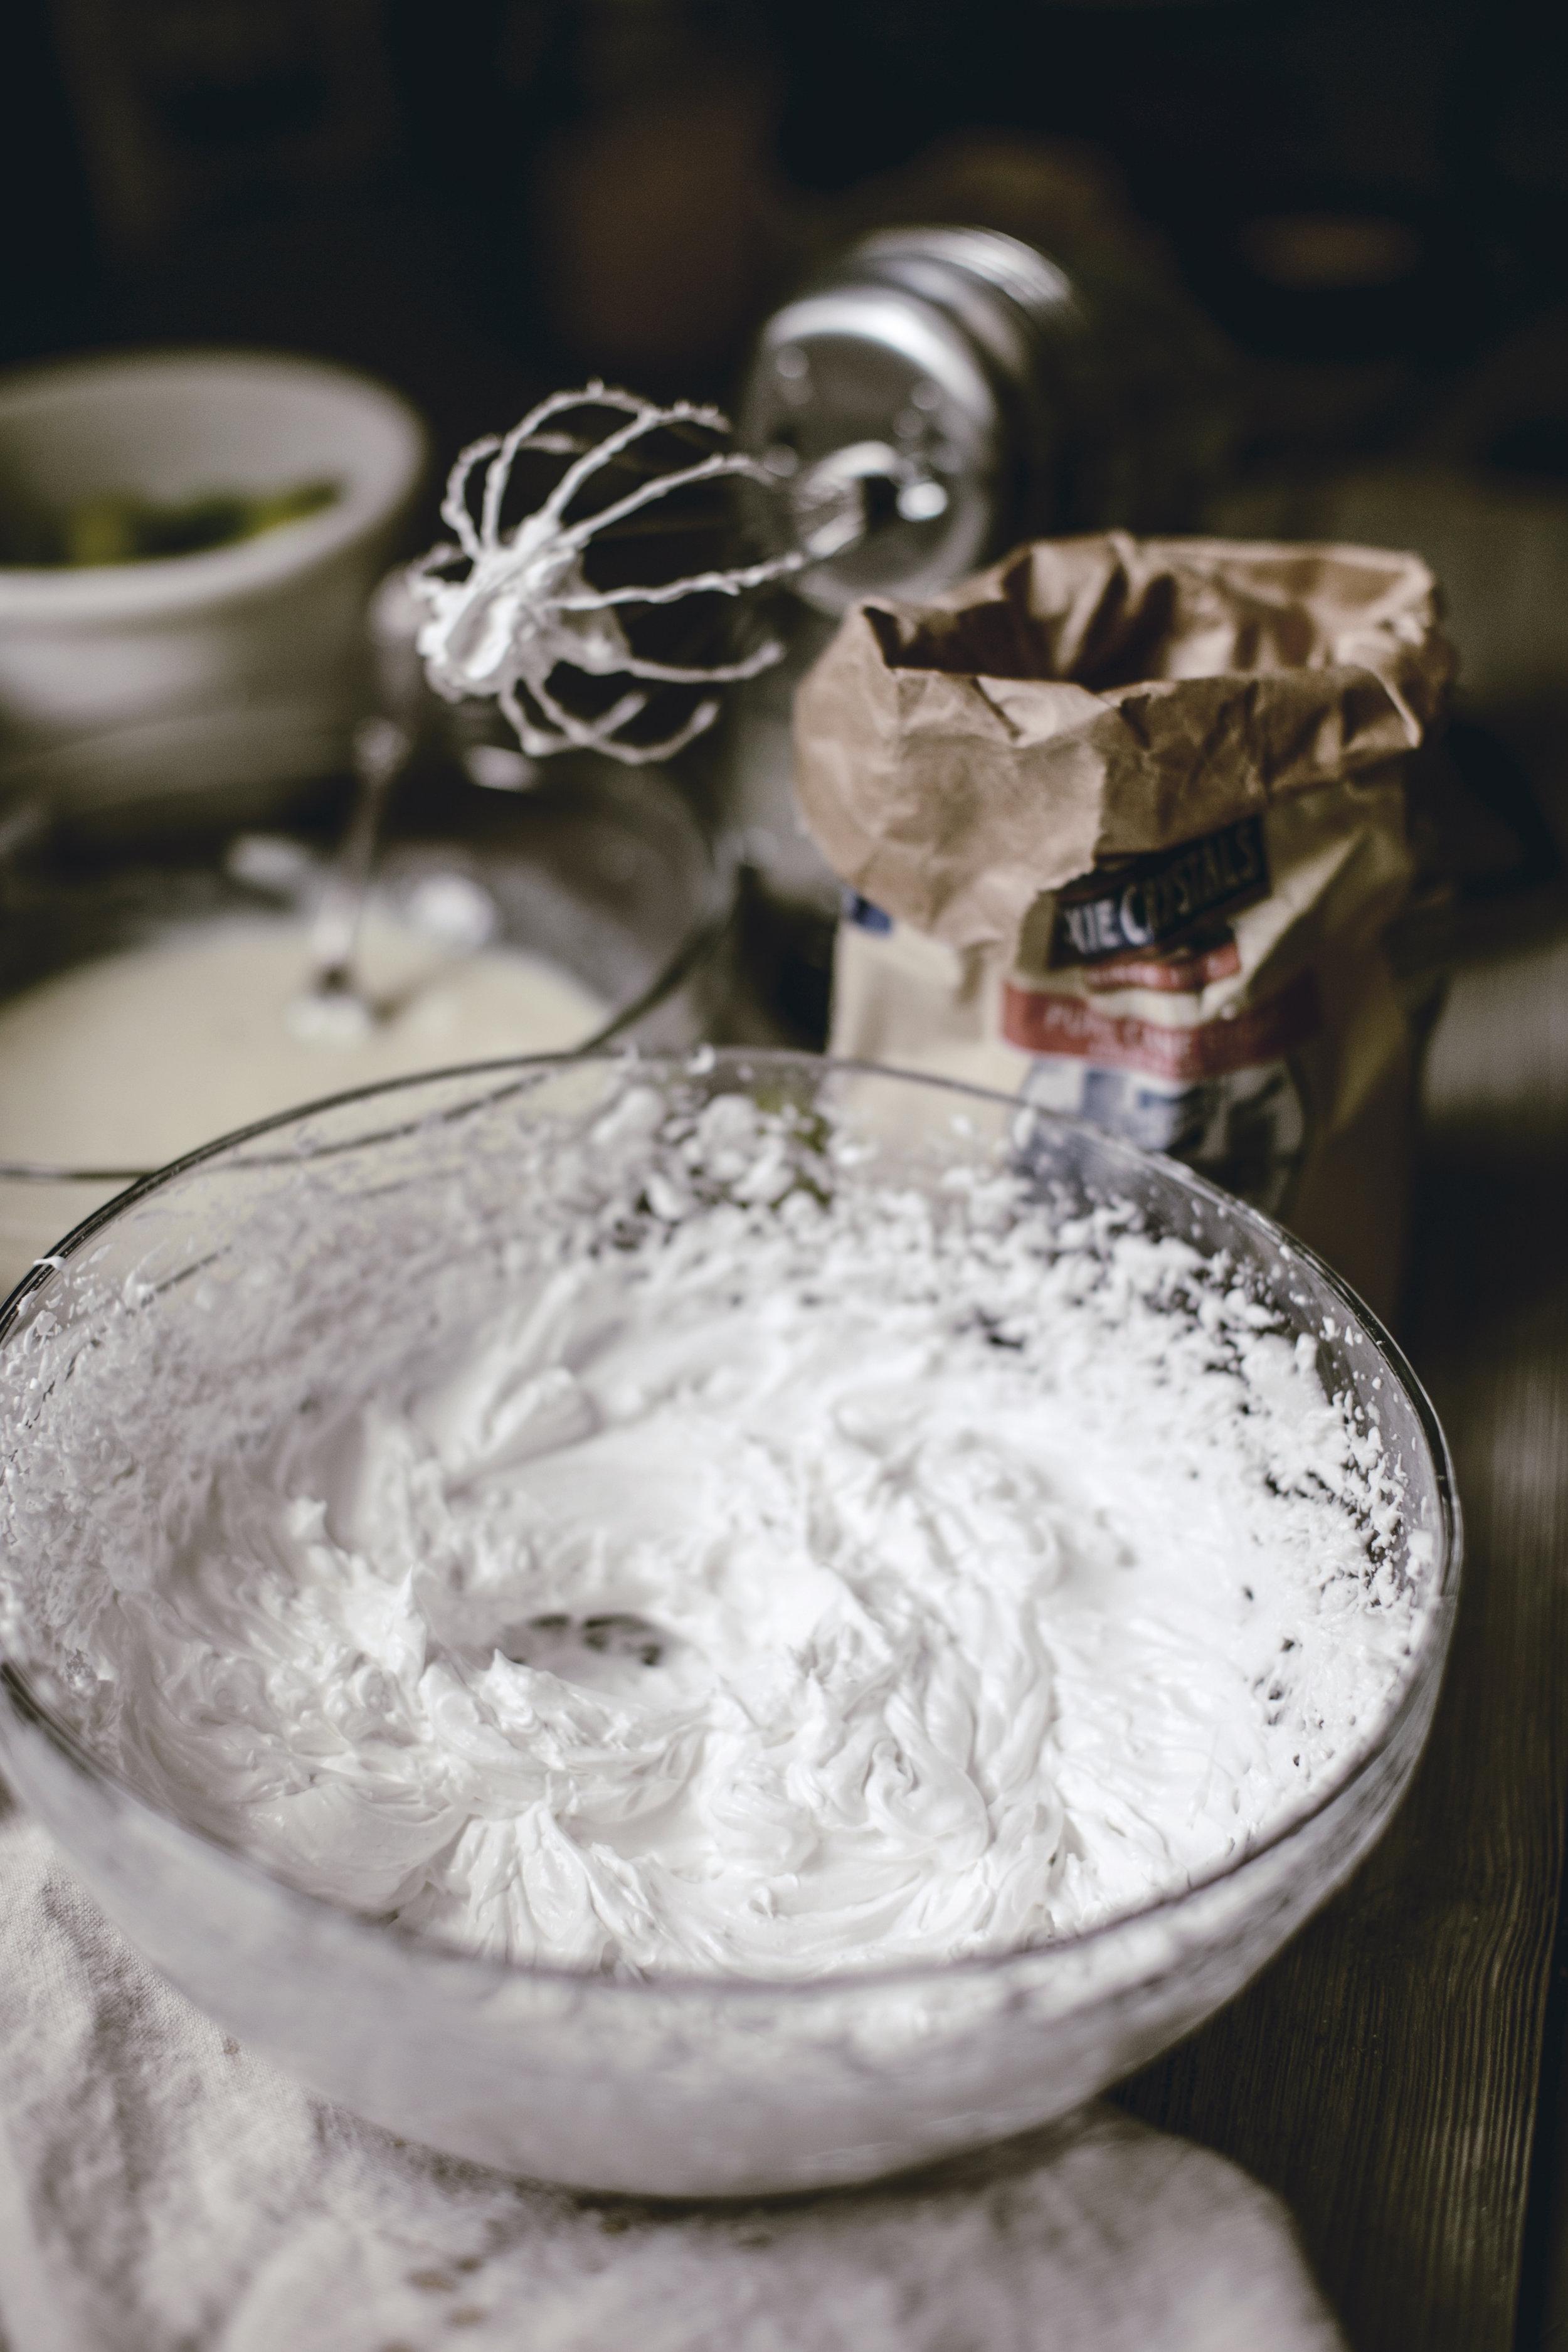 whipped meringue / heirloomed